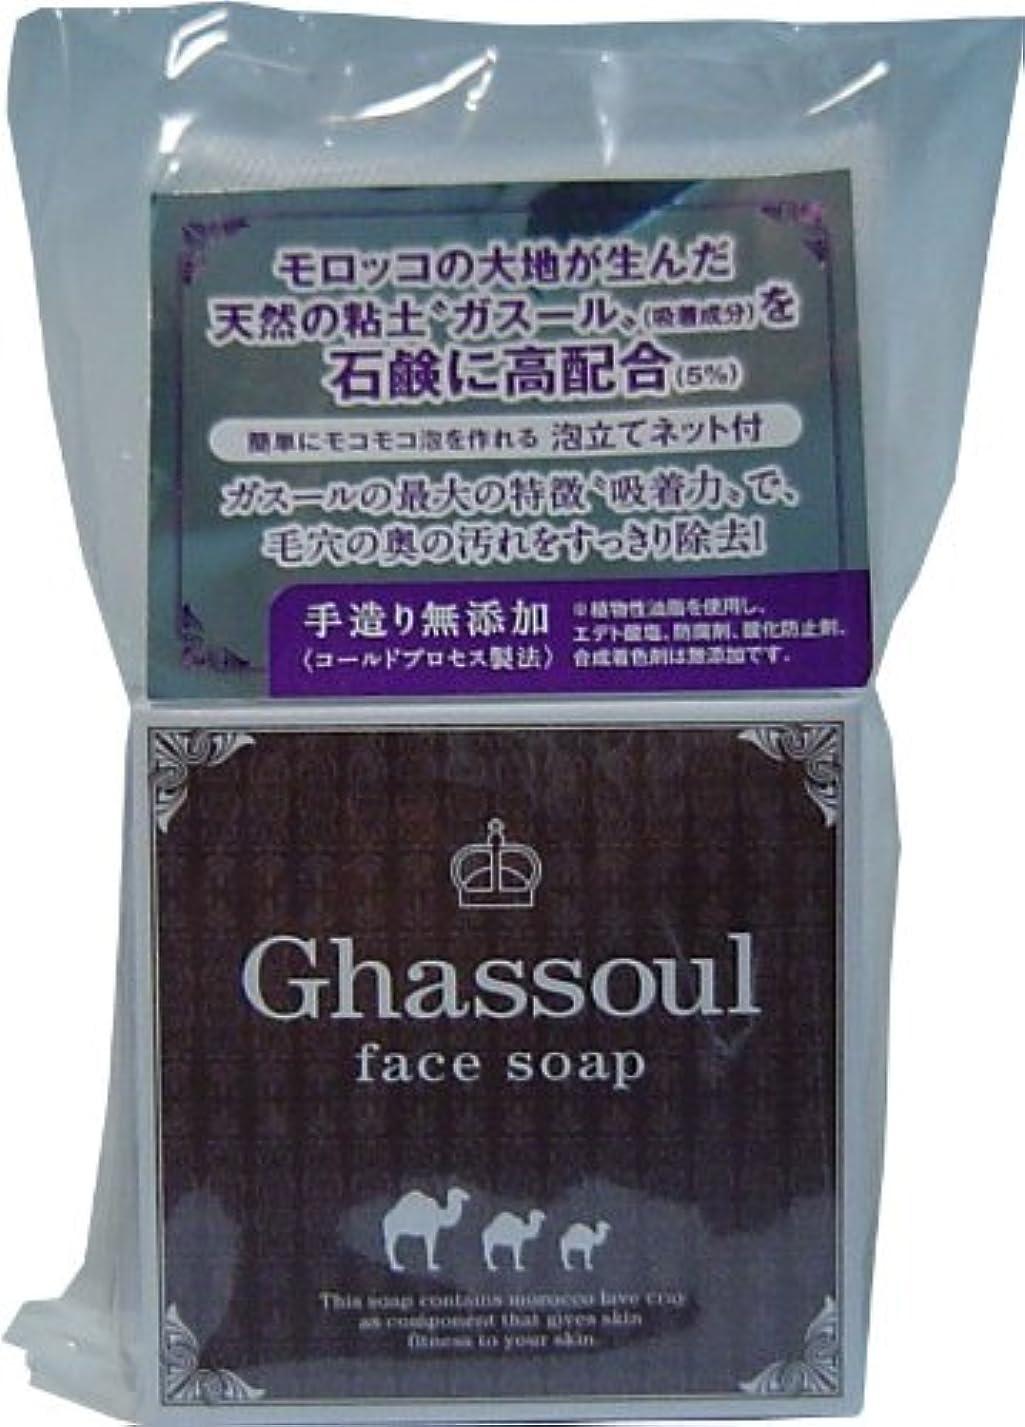 Ghassoul face soap ガスールフェイスソープ 100g「2点セット」